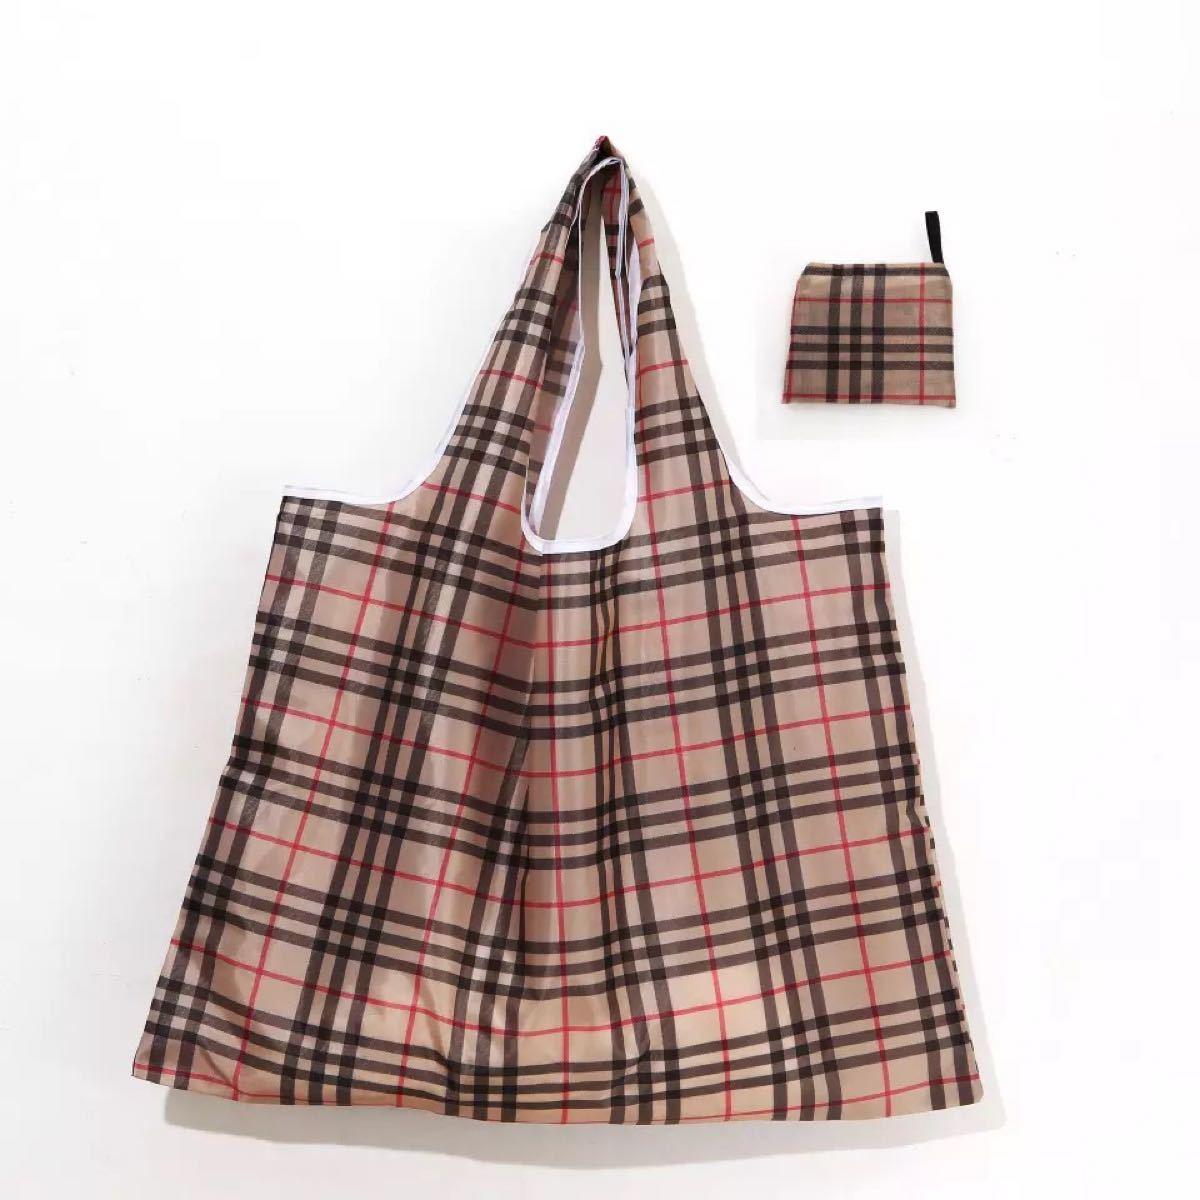 エコバッグ 折りたたみ 大容量 マイバッグ おしゃれ 買い物バッグ サブバッグ